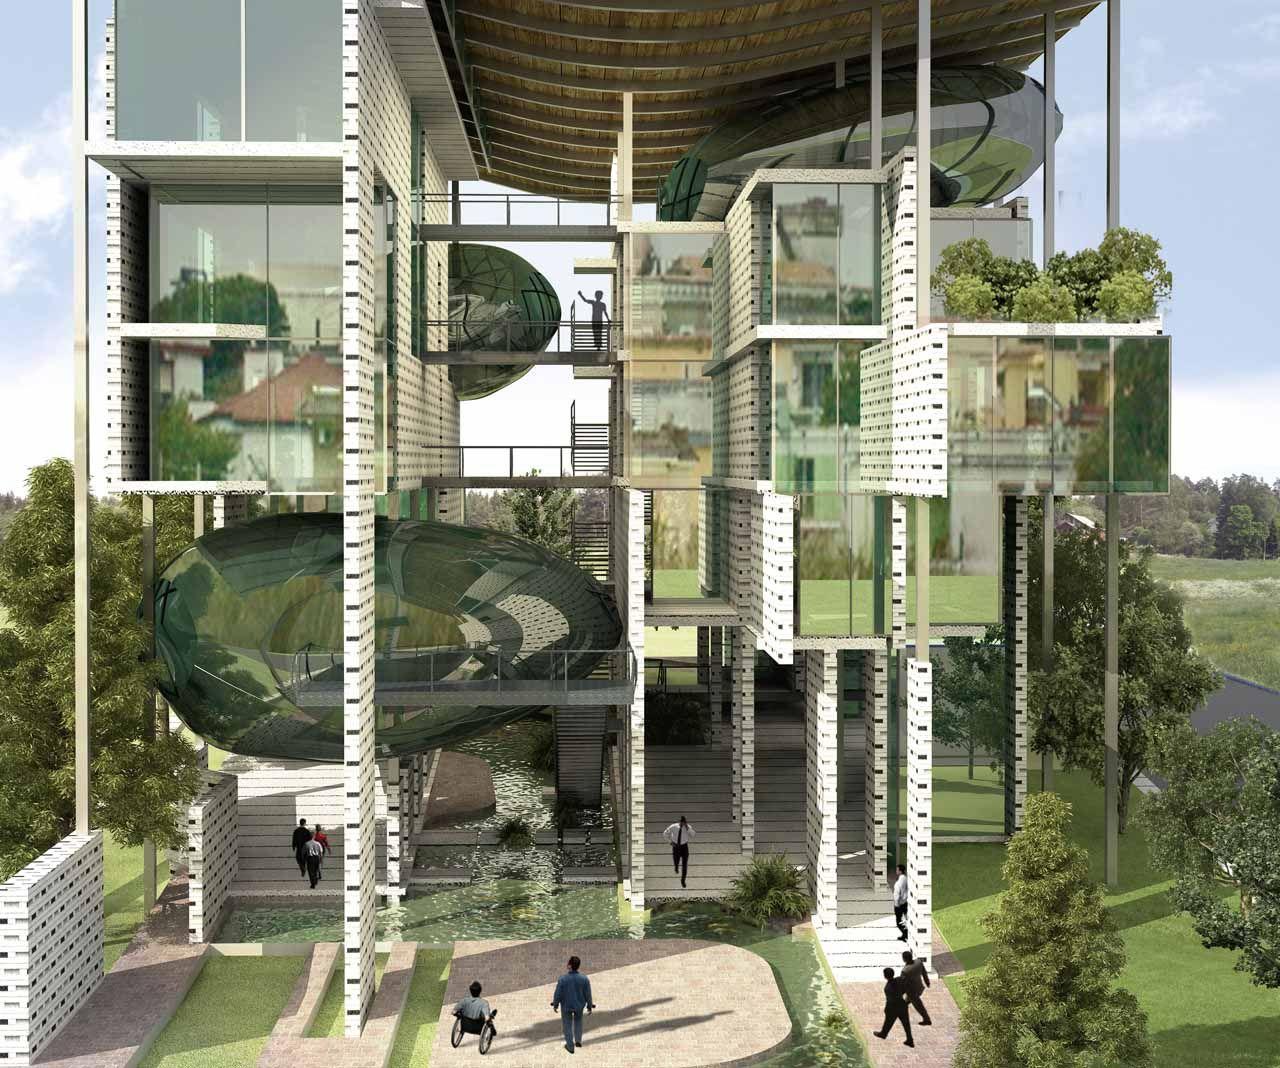 Иллюстрация для статьи о проекте дома-губки, на который обратили внимание менеджеры бренда Hansgrohe AXOR летом 2014 года. Вид Д